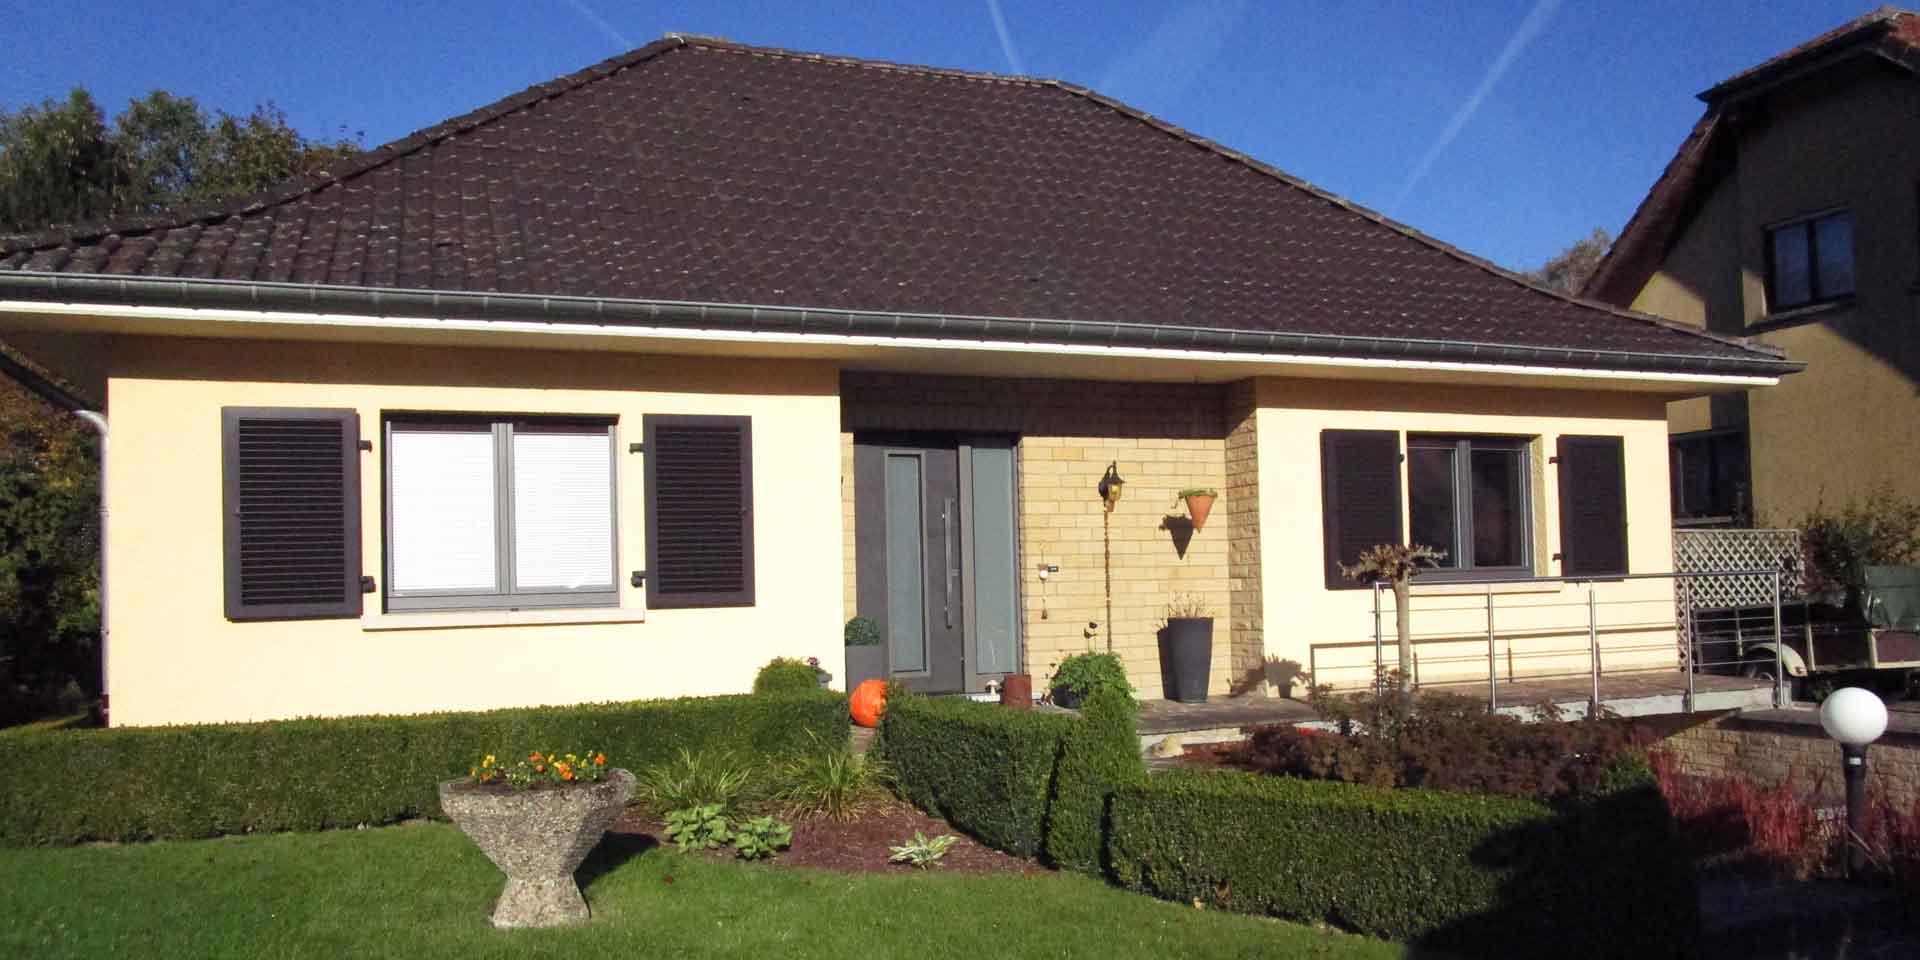 Gelbliches Einfamilienhaus mit einer modernen grauen Coplaning Keramik Haustür und braunen Coplaning Holz Jalousienfenster.